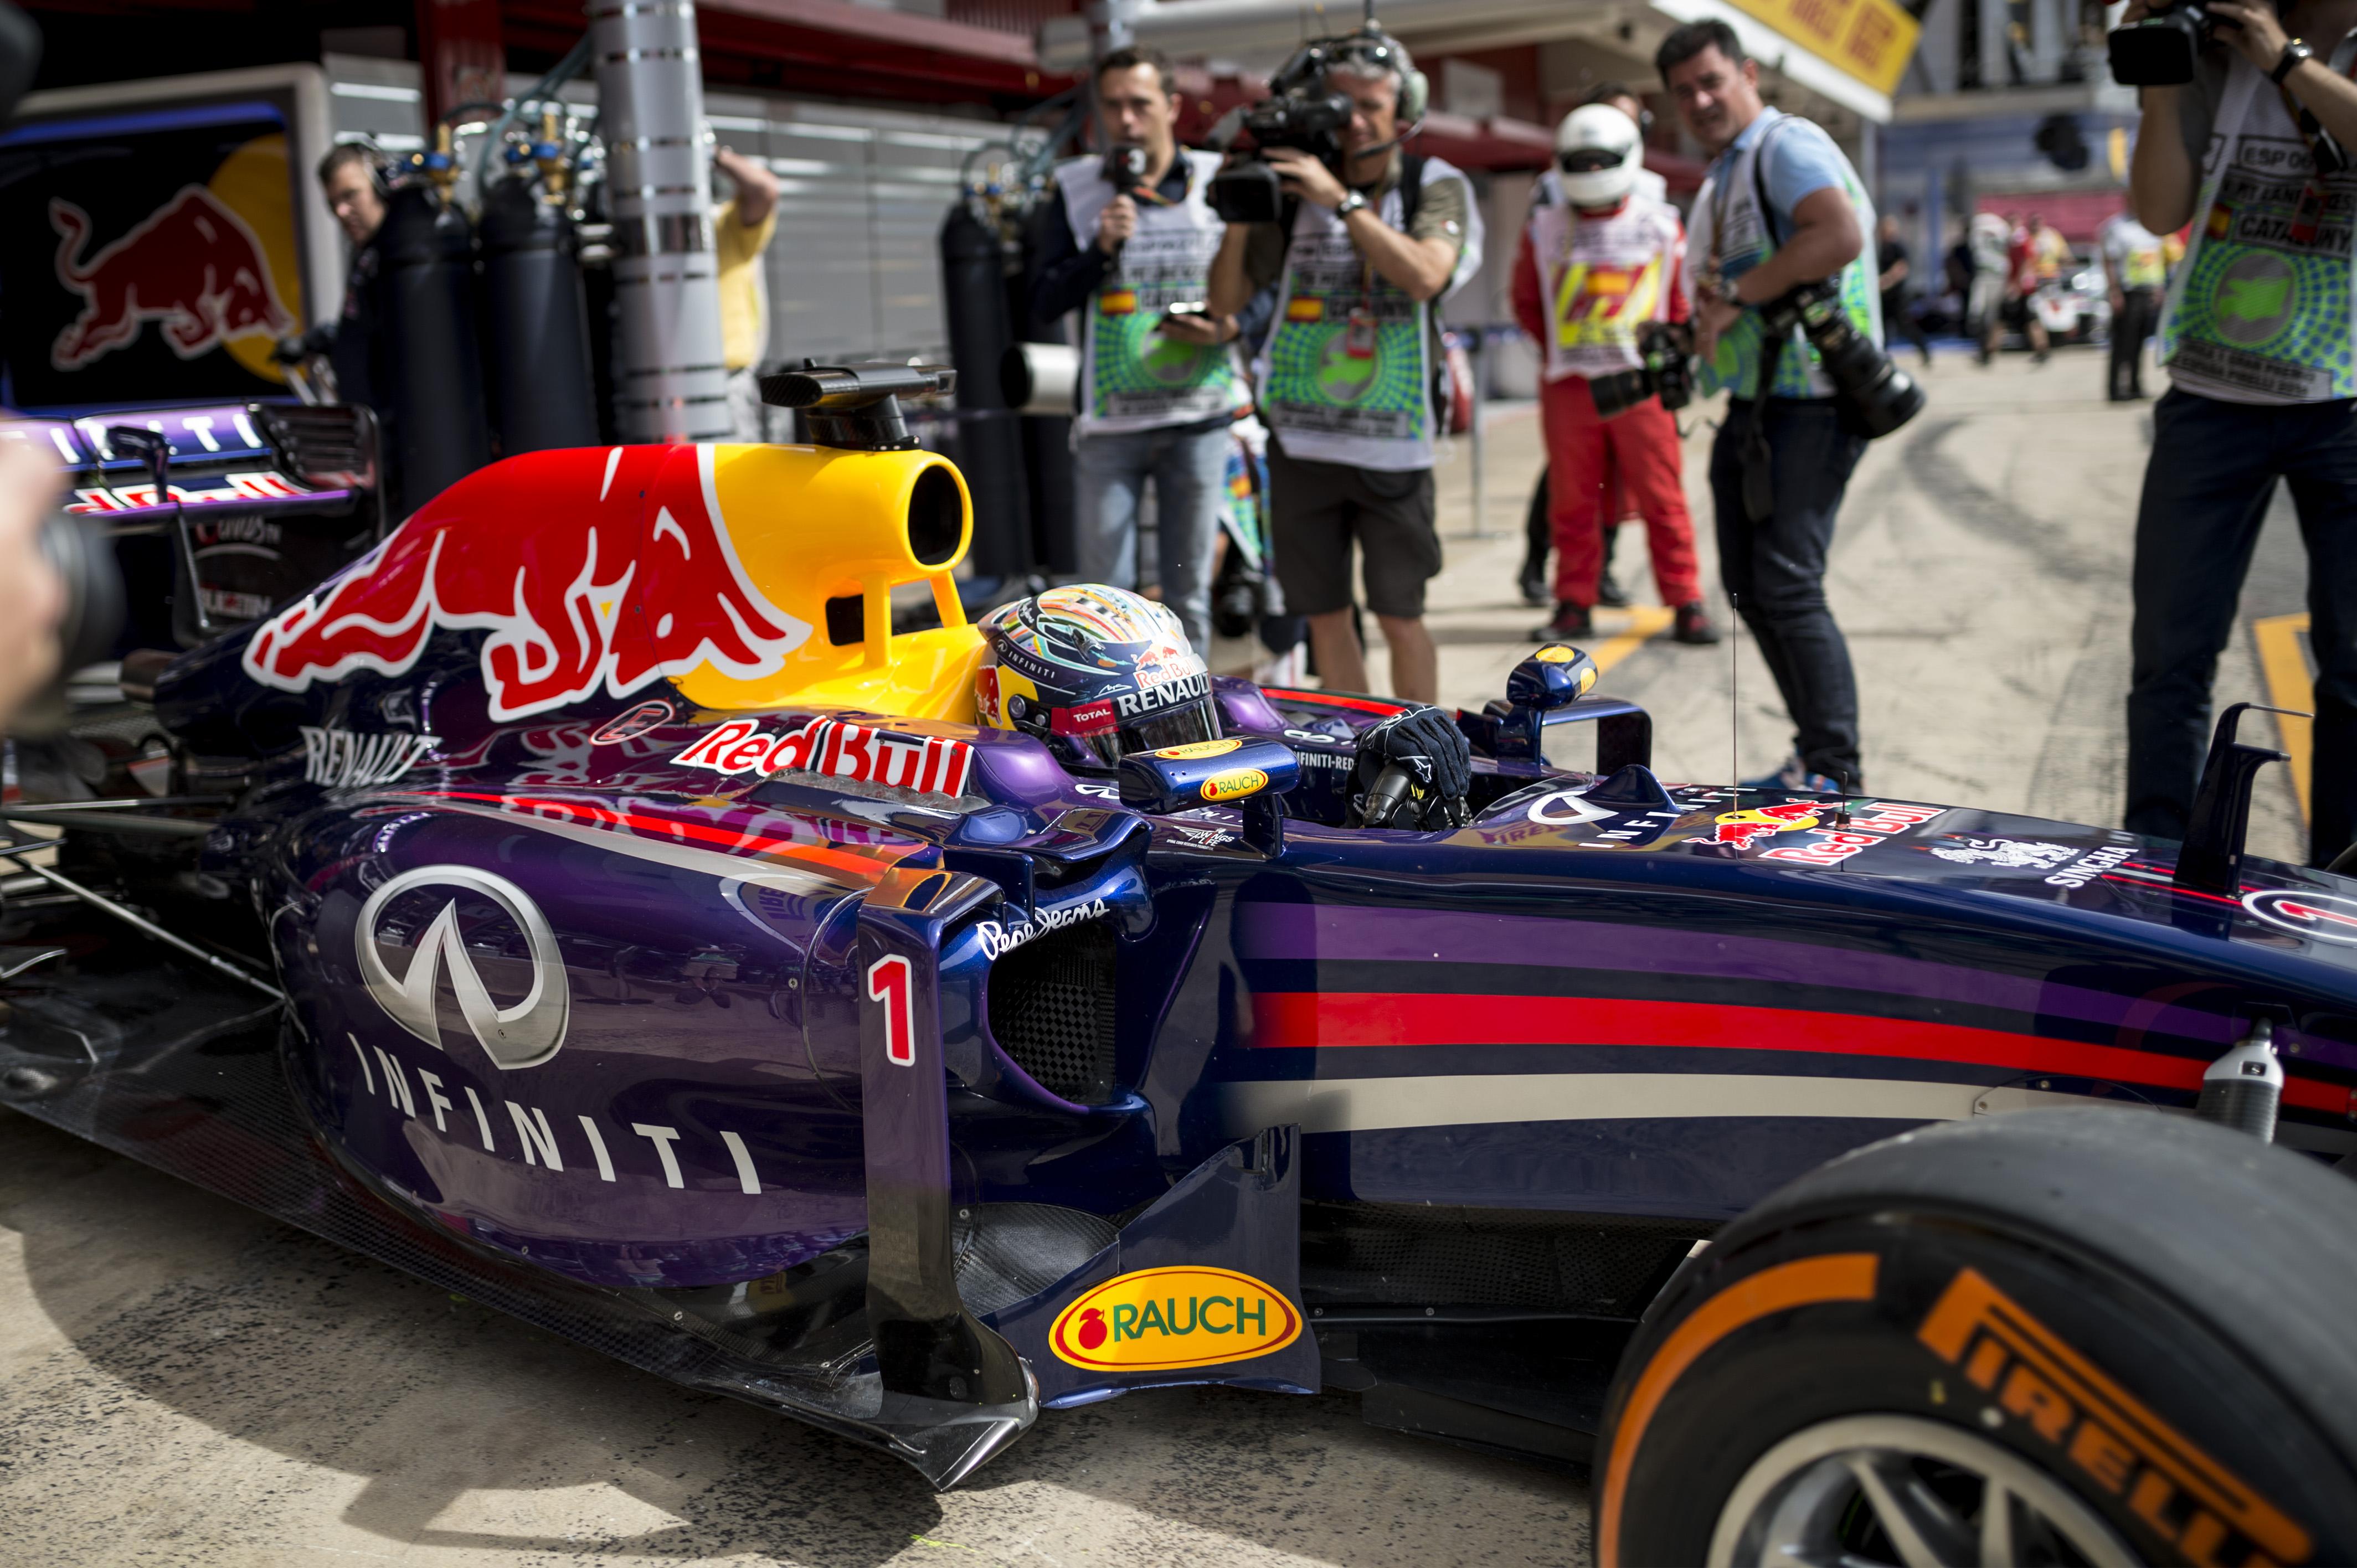 Megoldódott a Vettel-rejtély: hibás volt az kasztni, amivel az első négy futamot teljesítette